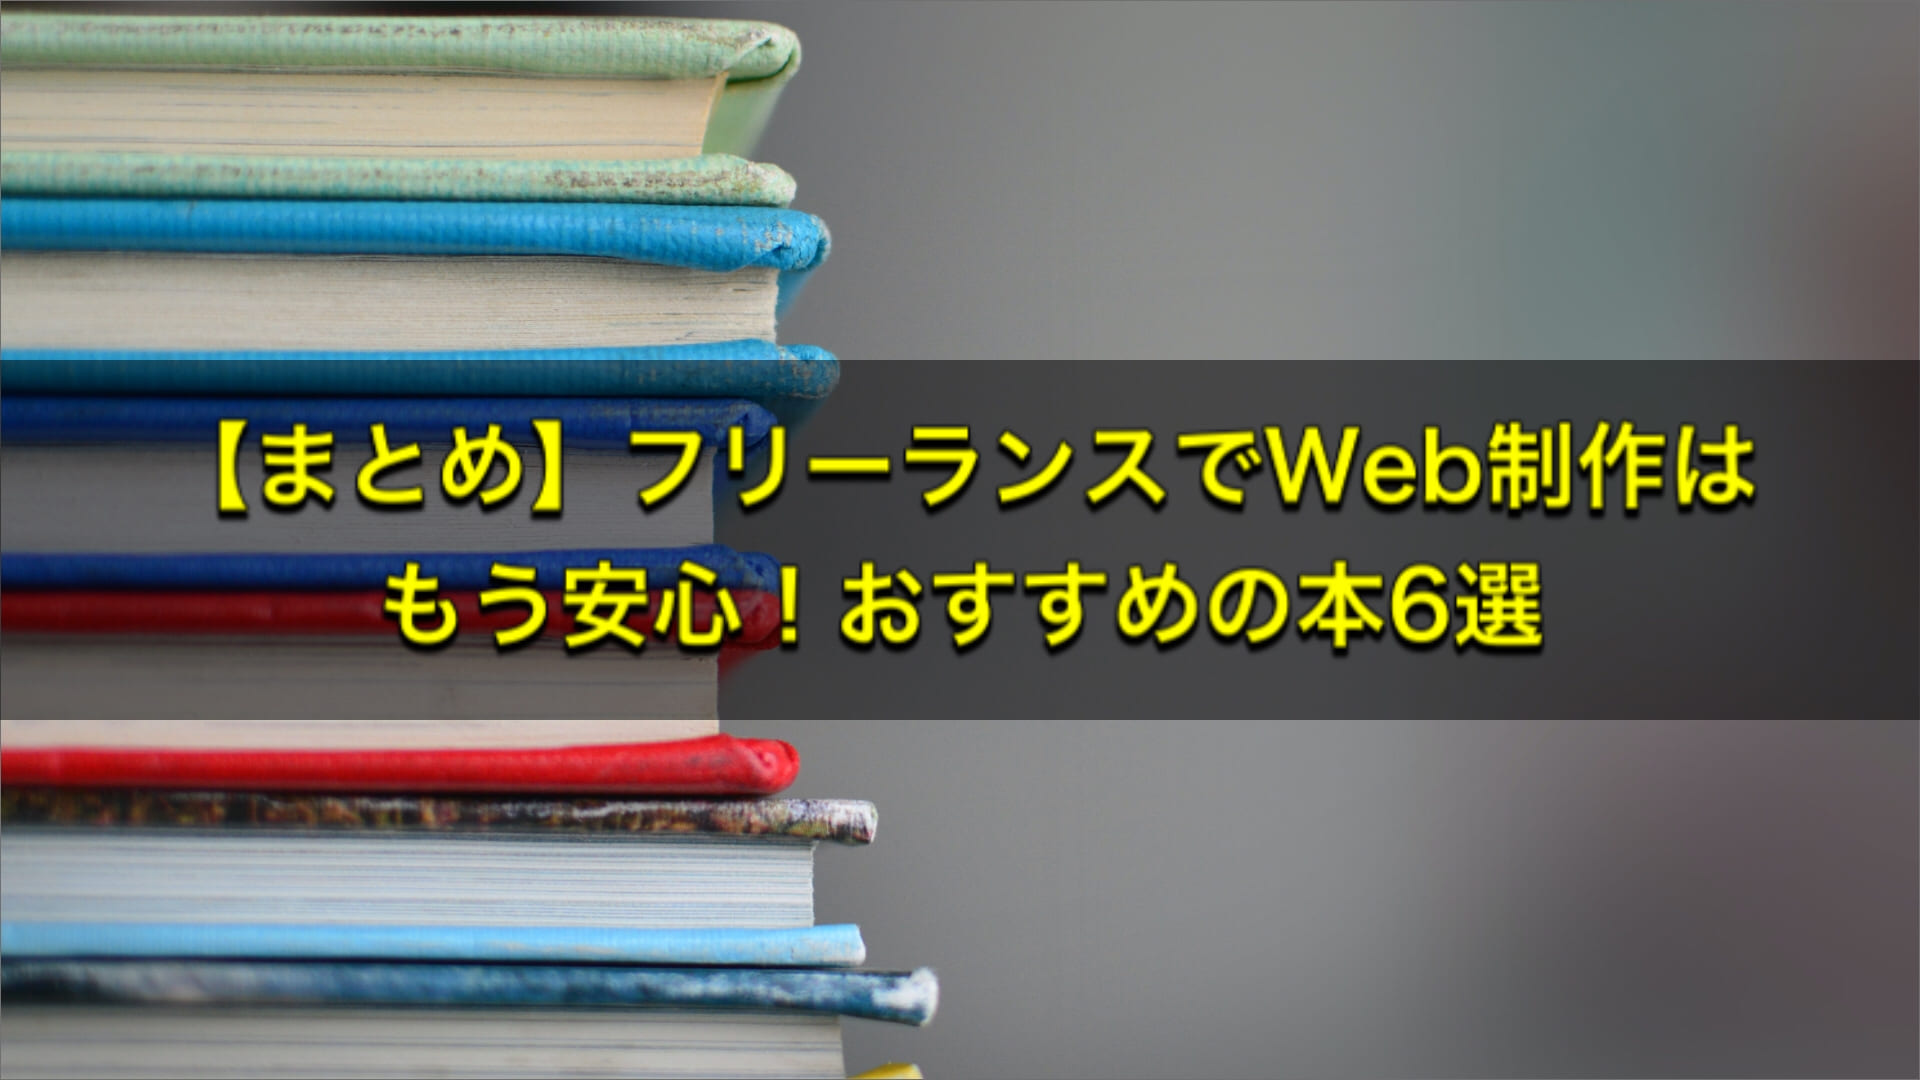 【まとめ】フリーランスでWeb制作はもう安心!おすすめの本6選